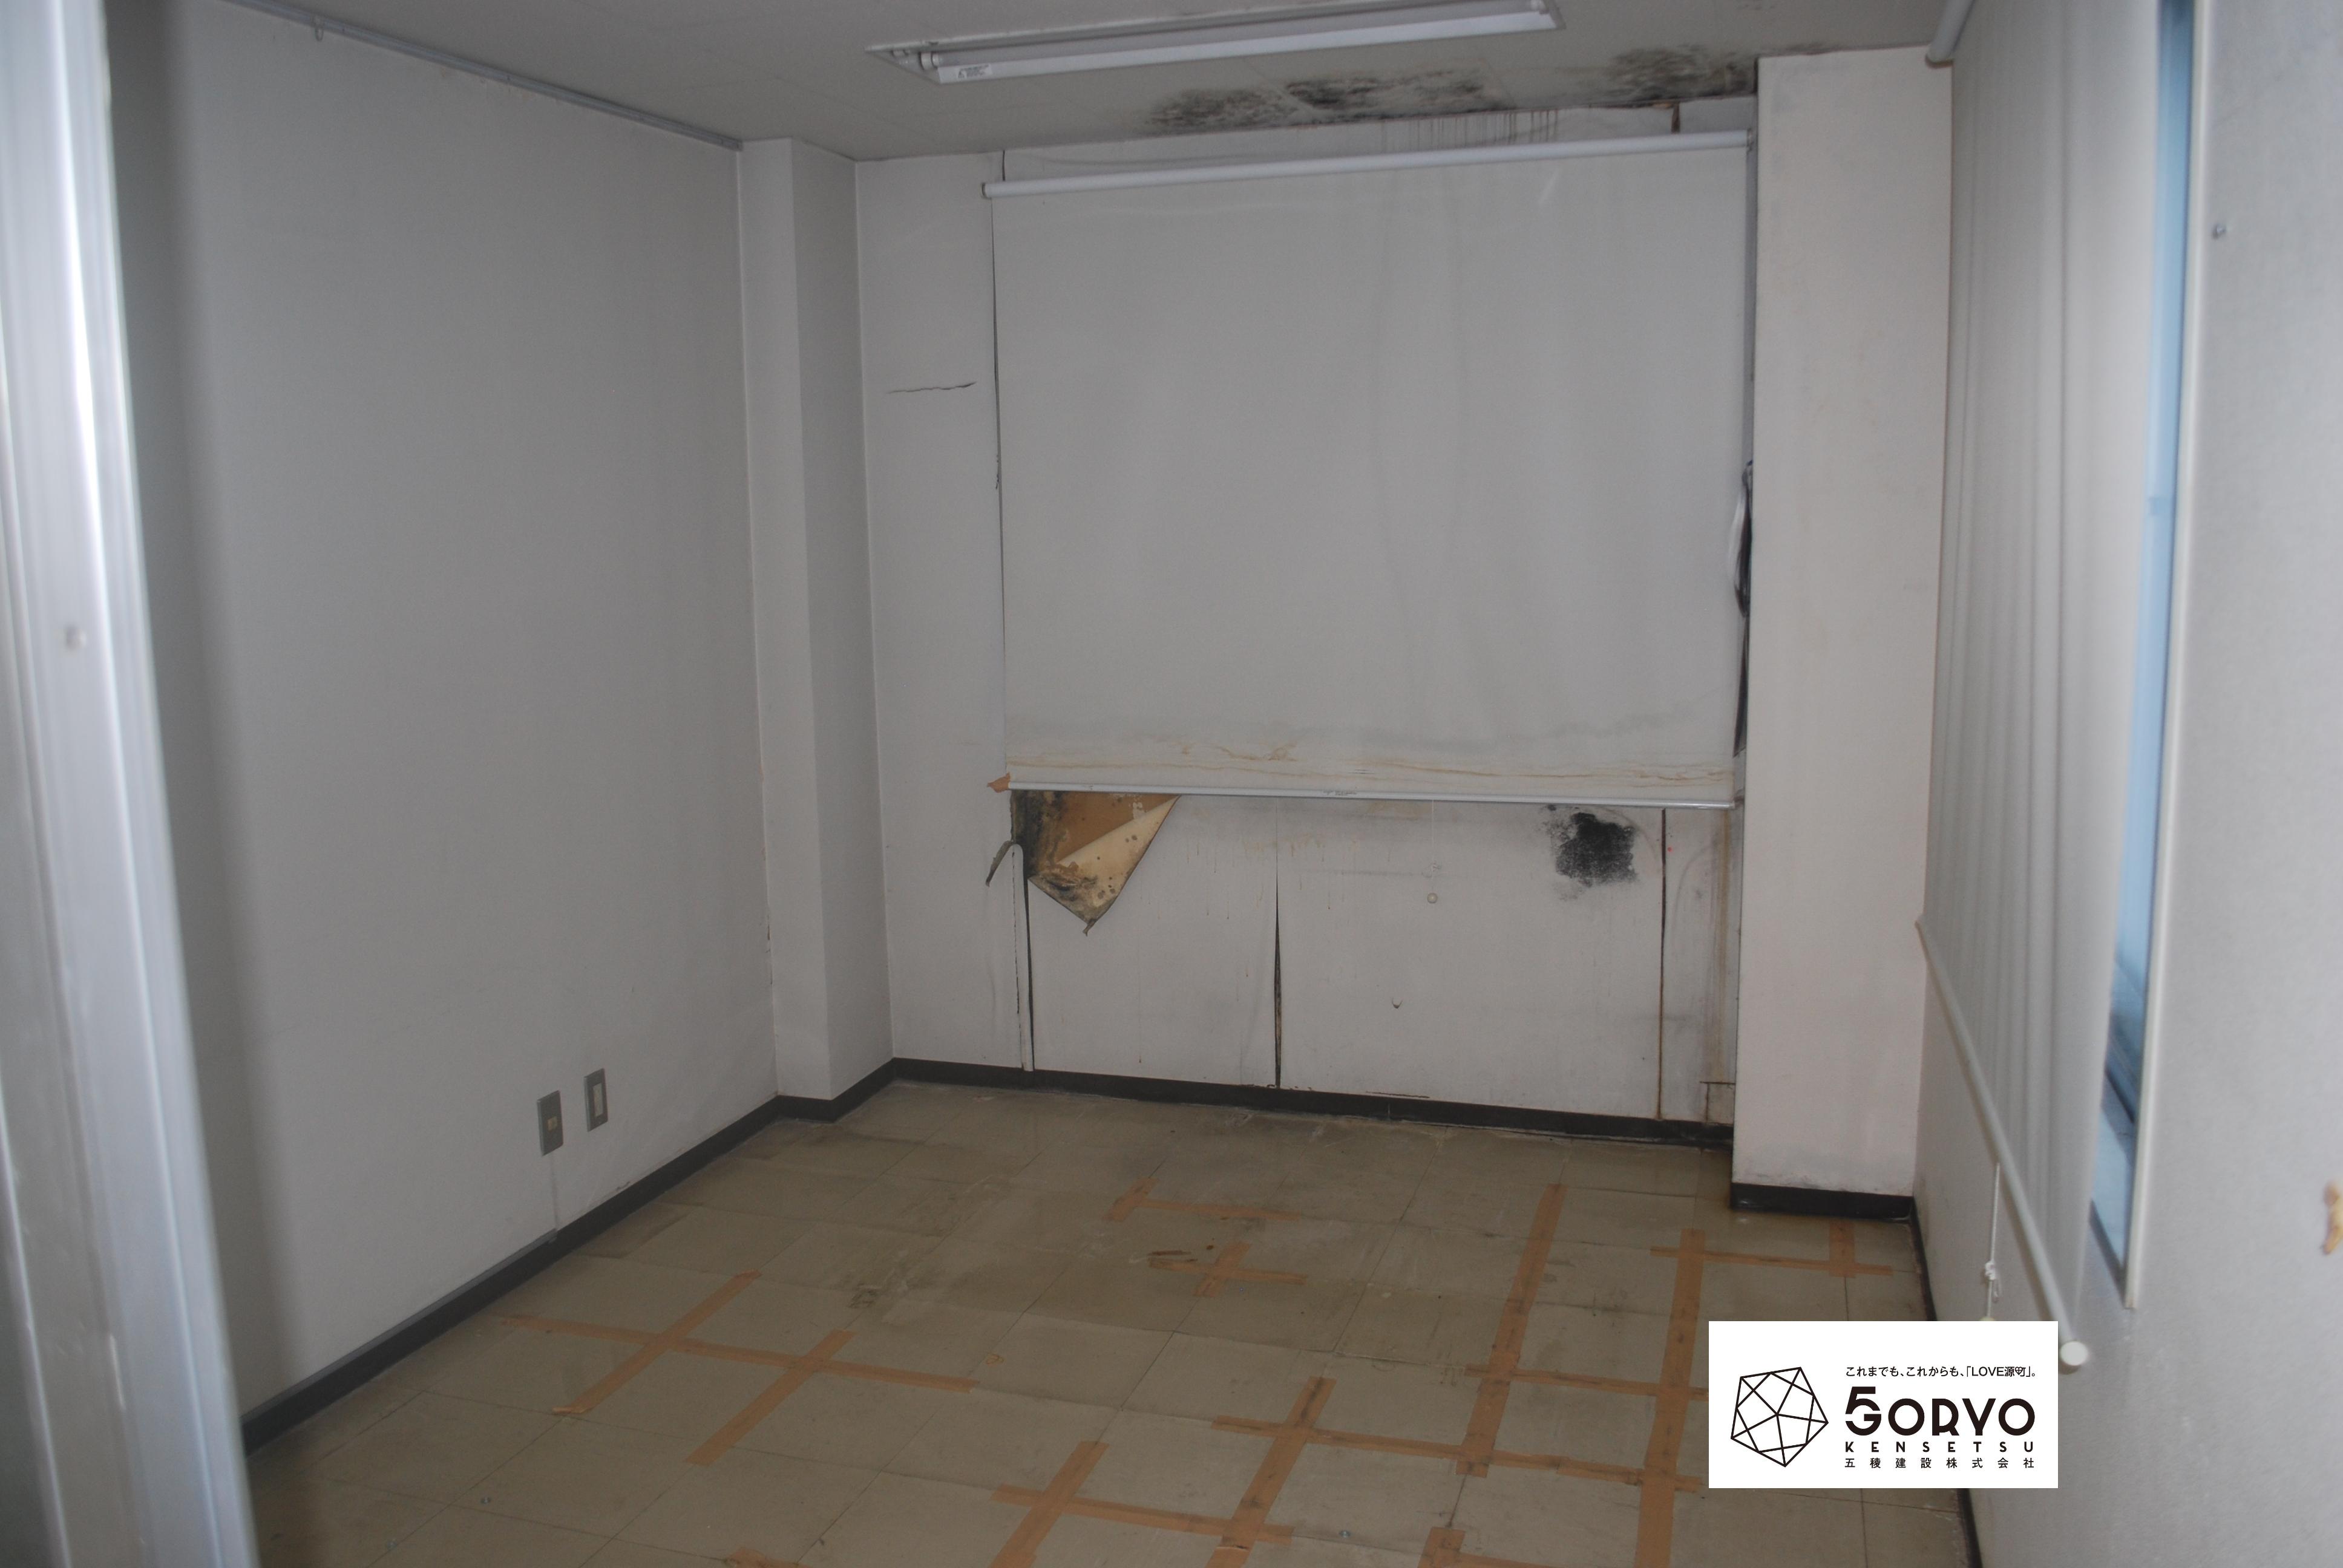 千葉市美浜区ビルを保育園へリノベーション・1階受付スペース:施工前